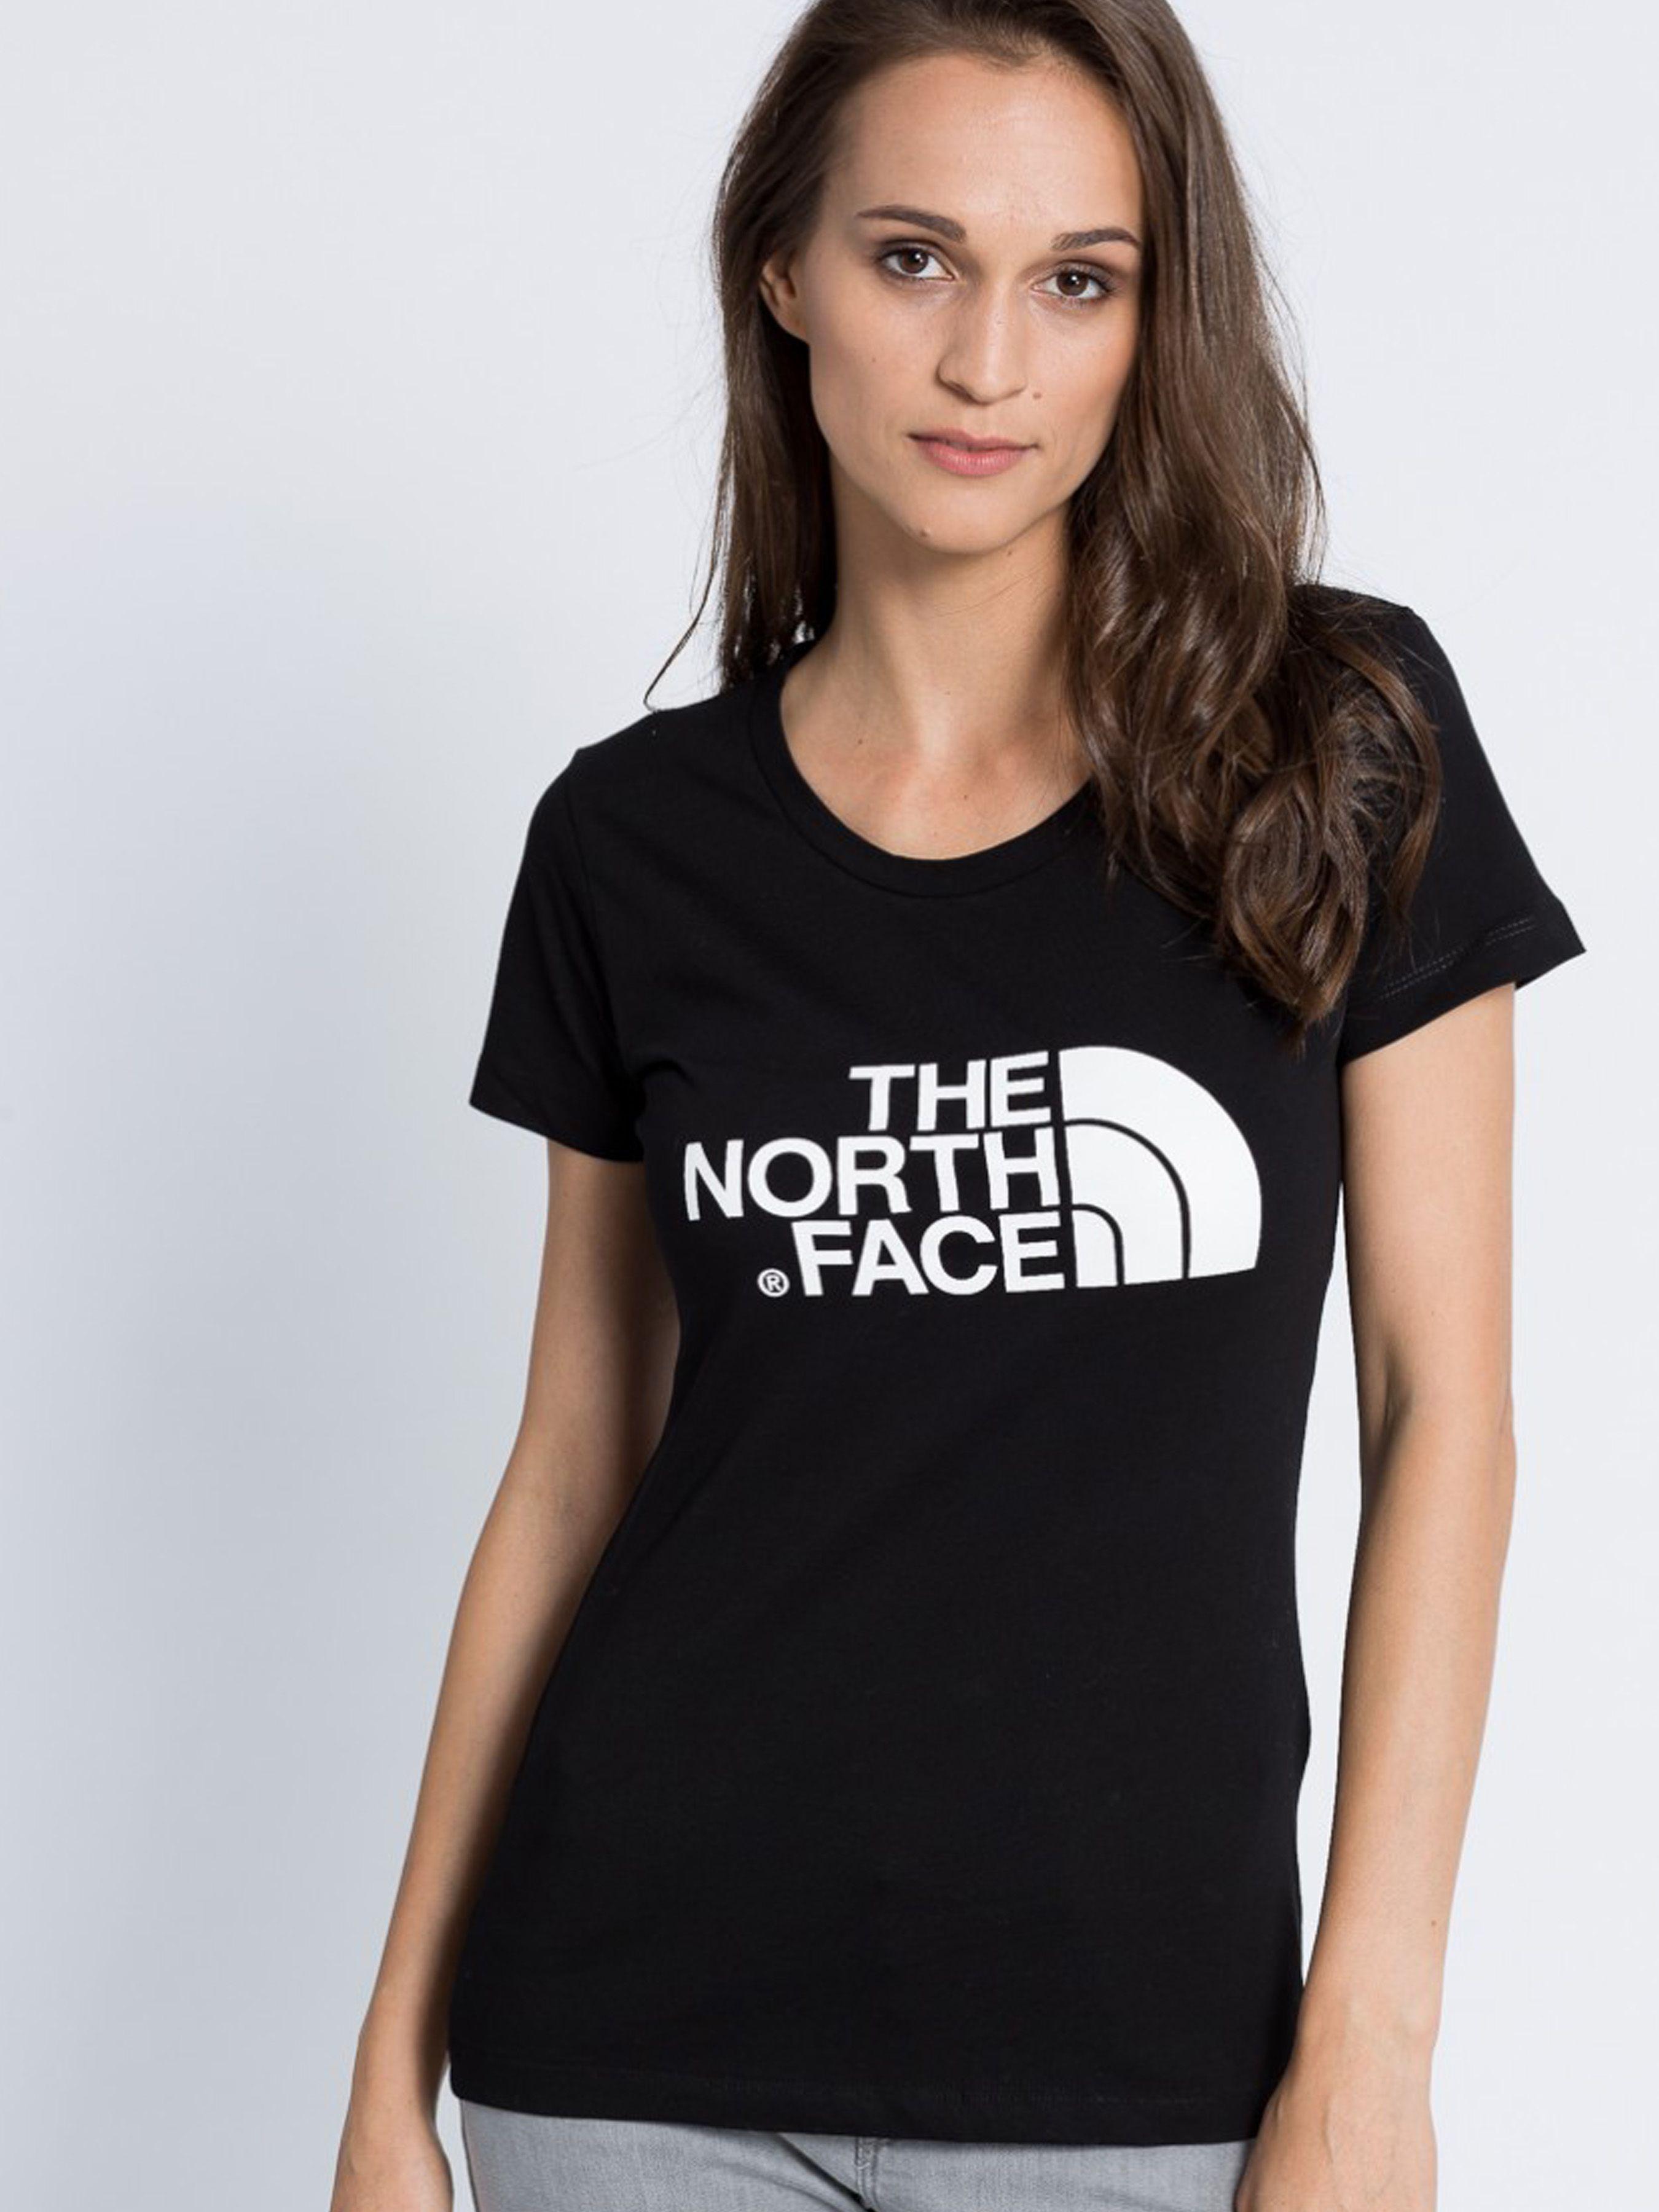 Купить Футболка женские модель N1137, The North Face, Черный